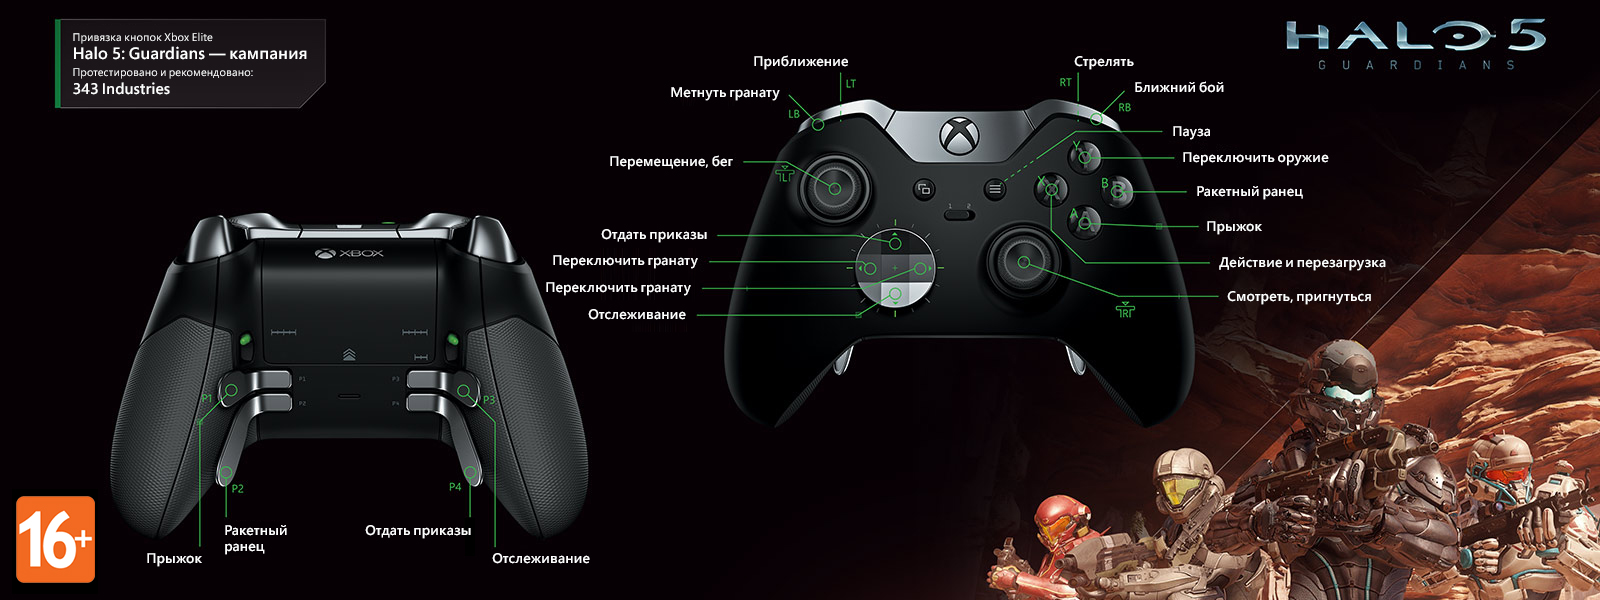 Halo 5: Guardians — раскладка для кампании под геймпад Elite